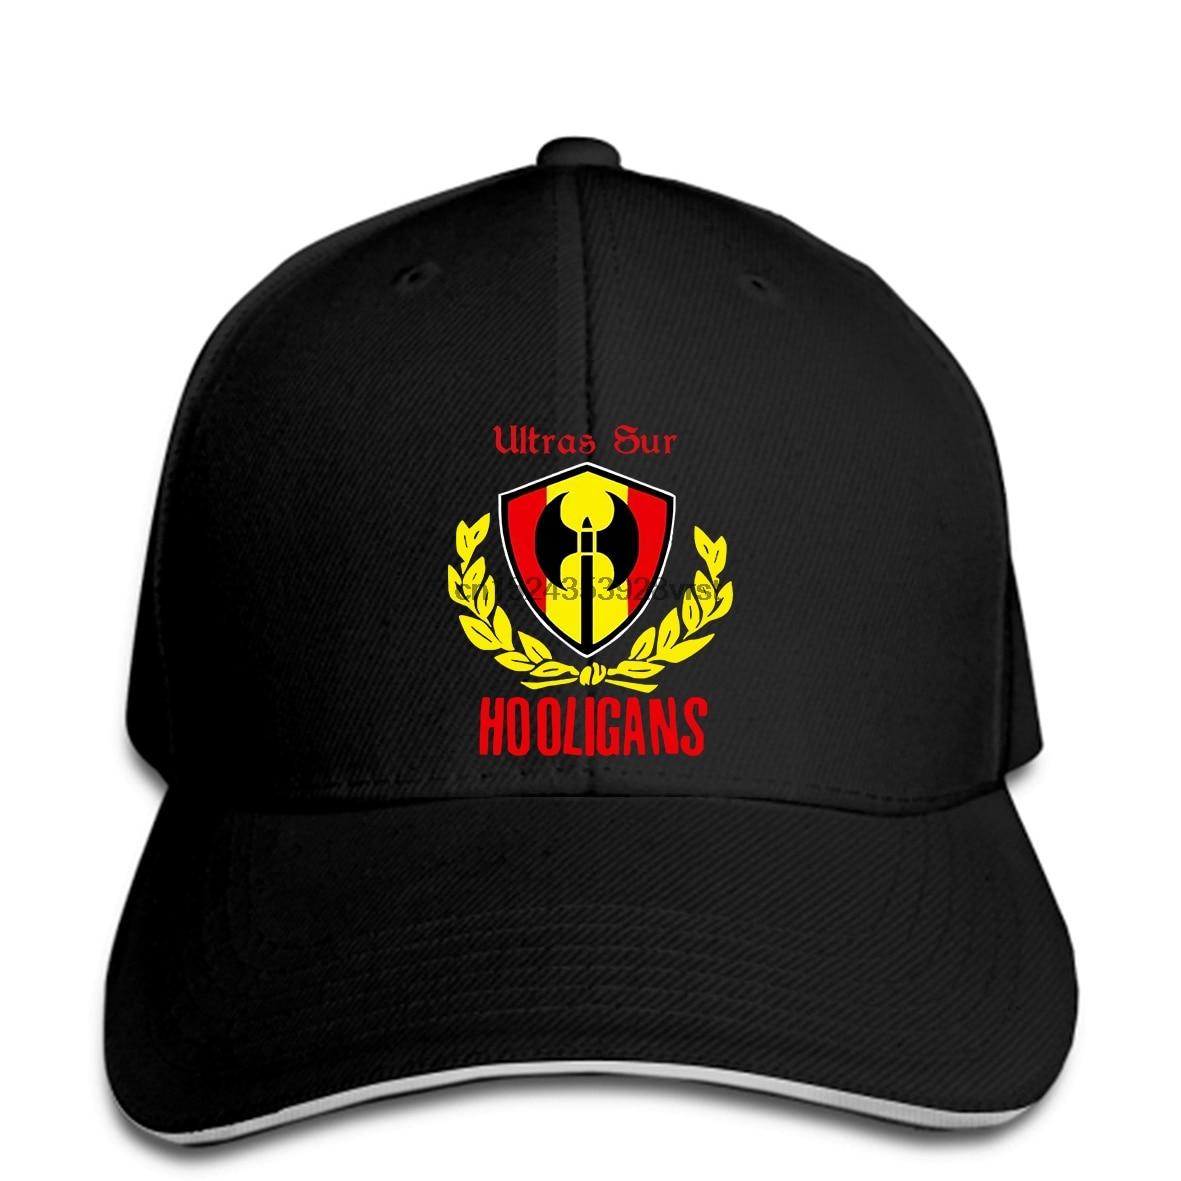 Casquette de Baseball Ultras Sur Hooligans pour hommes, nouvelle casquette à visière, style décontracté et humoristique